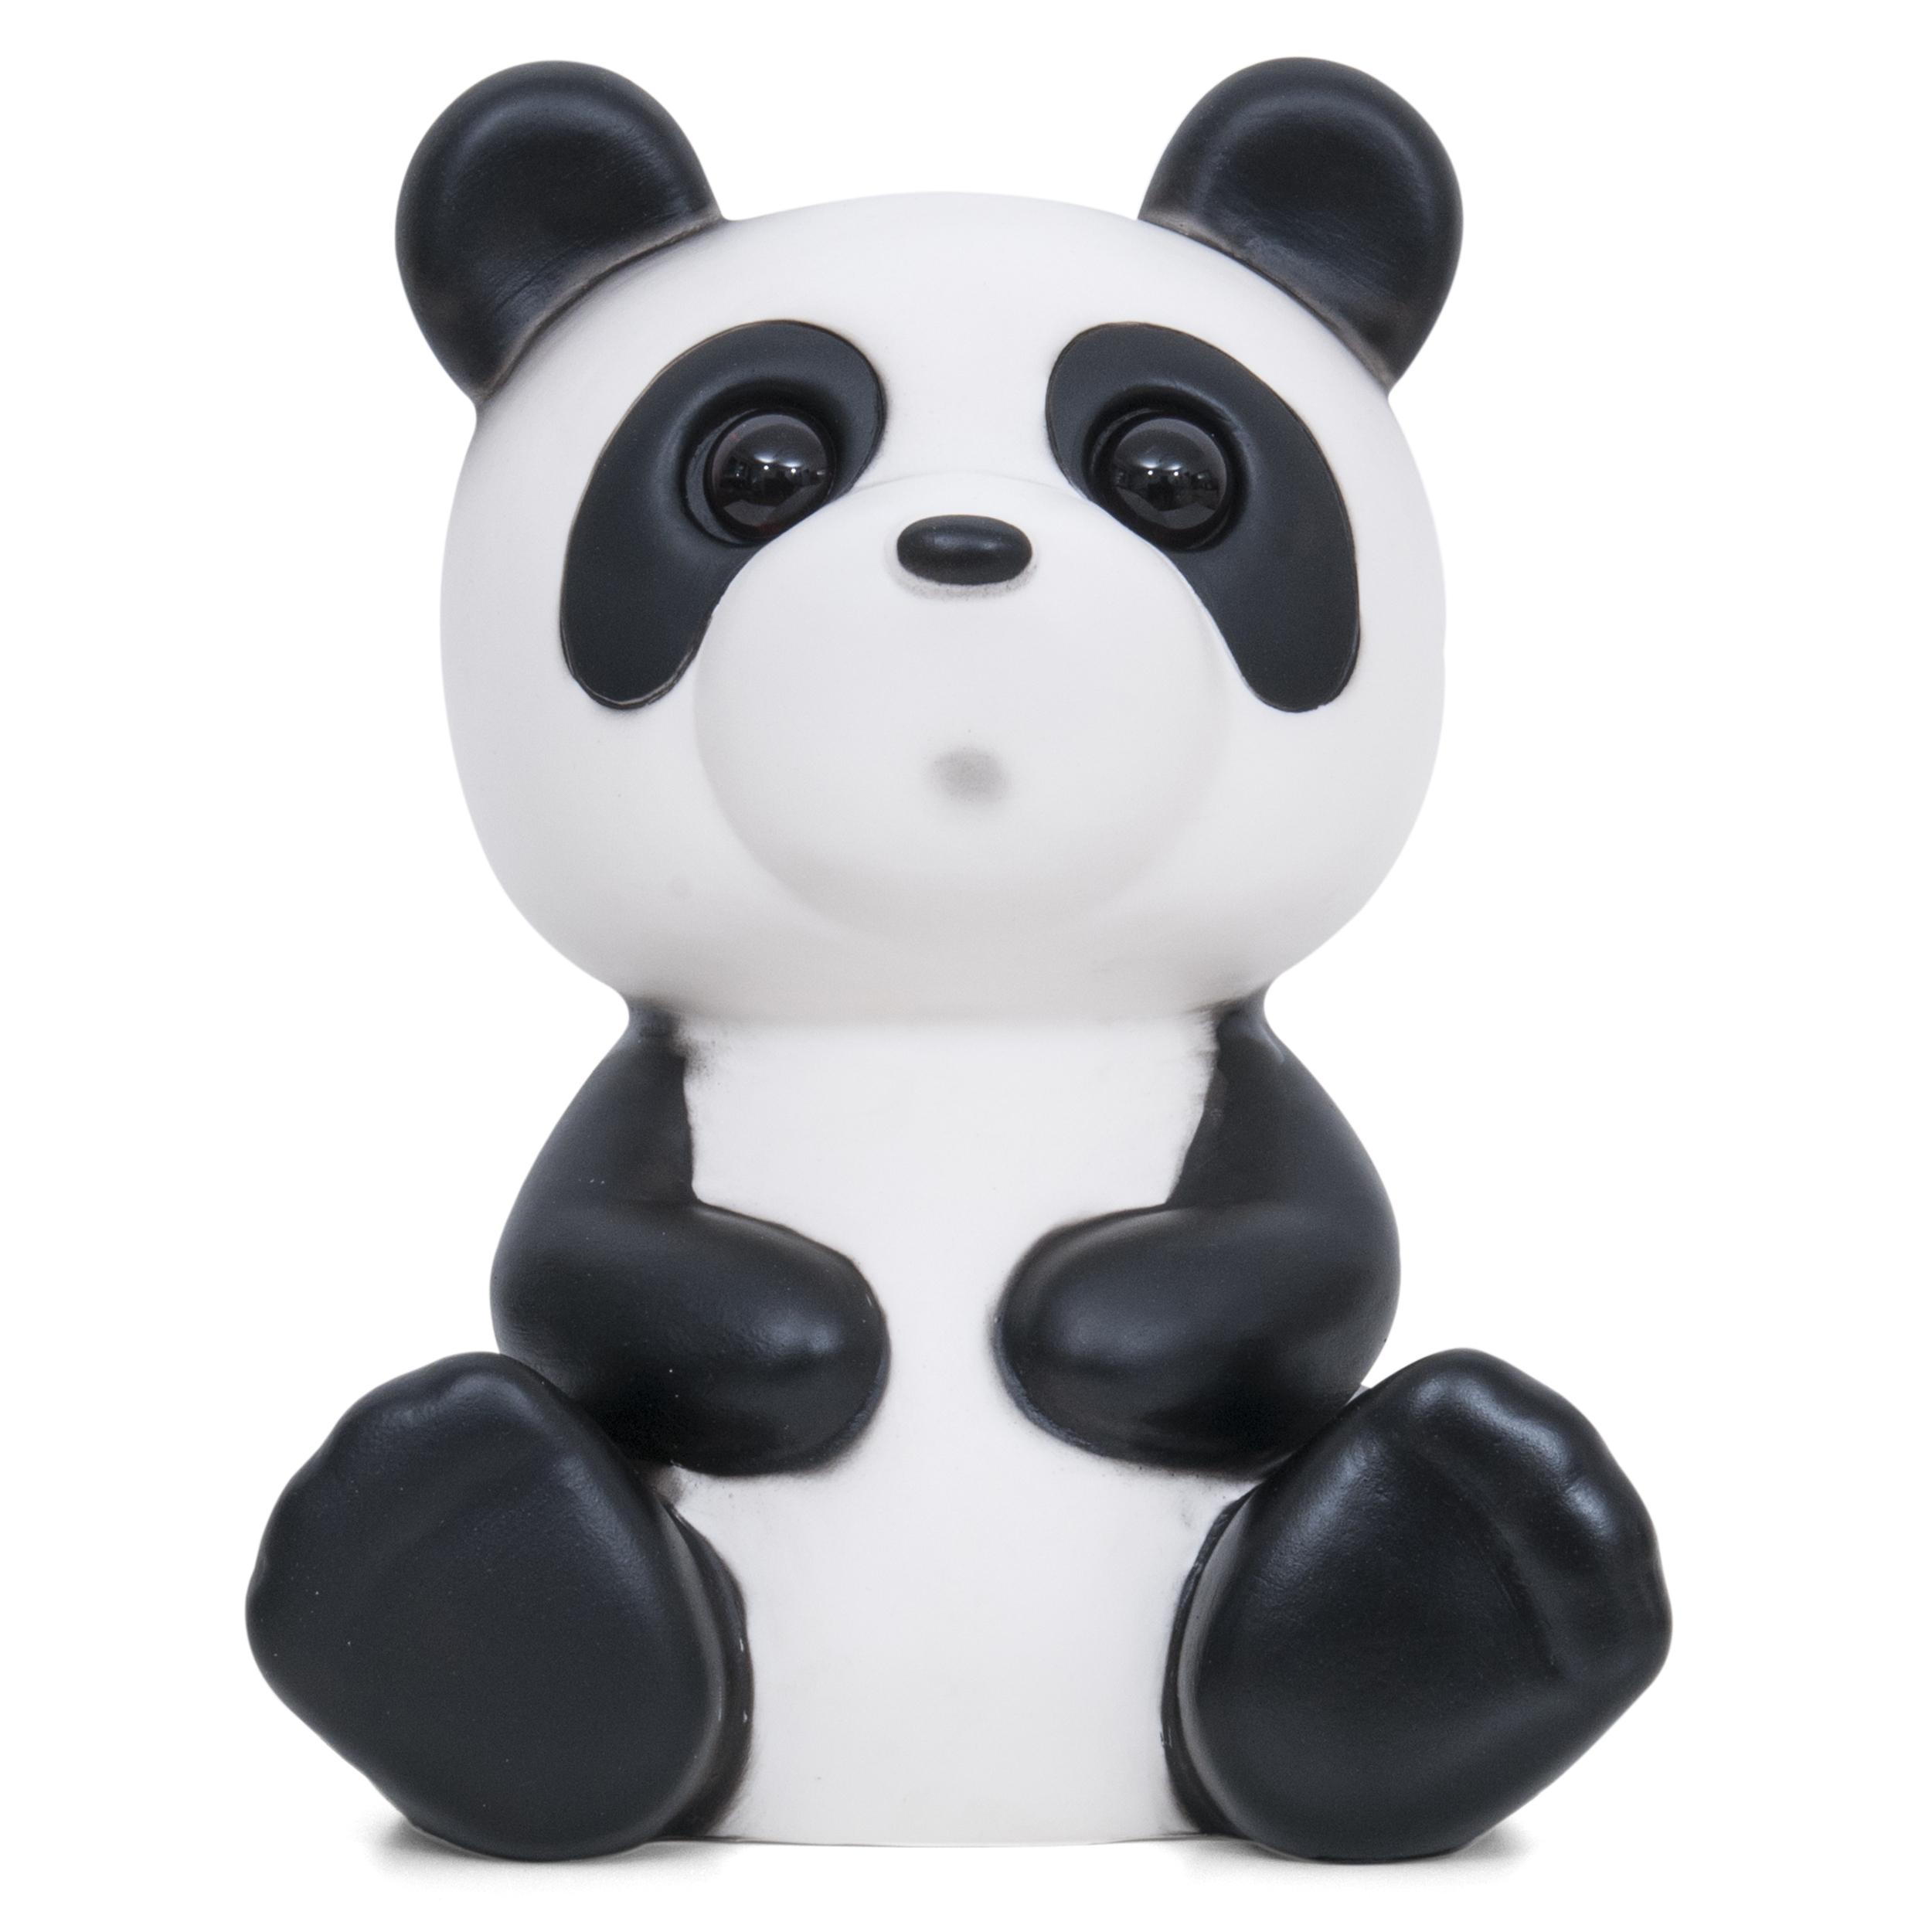 Lapin and Me panda lamp